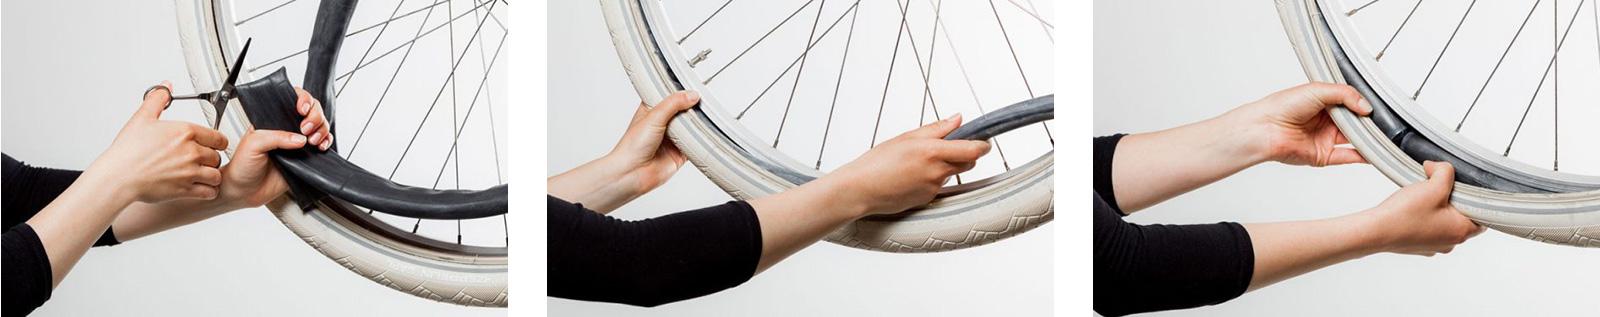 Praktisch: Schlauch wechseln, ohne das Rad abzumontieren.